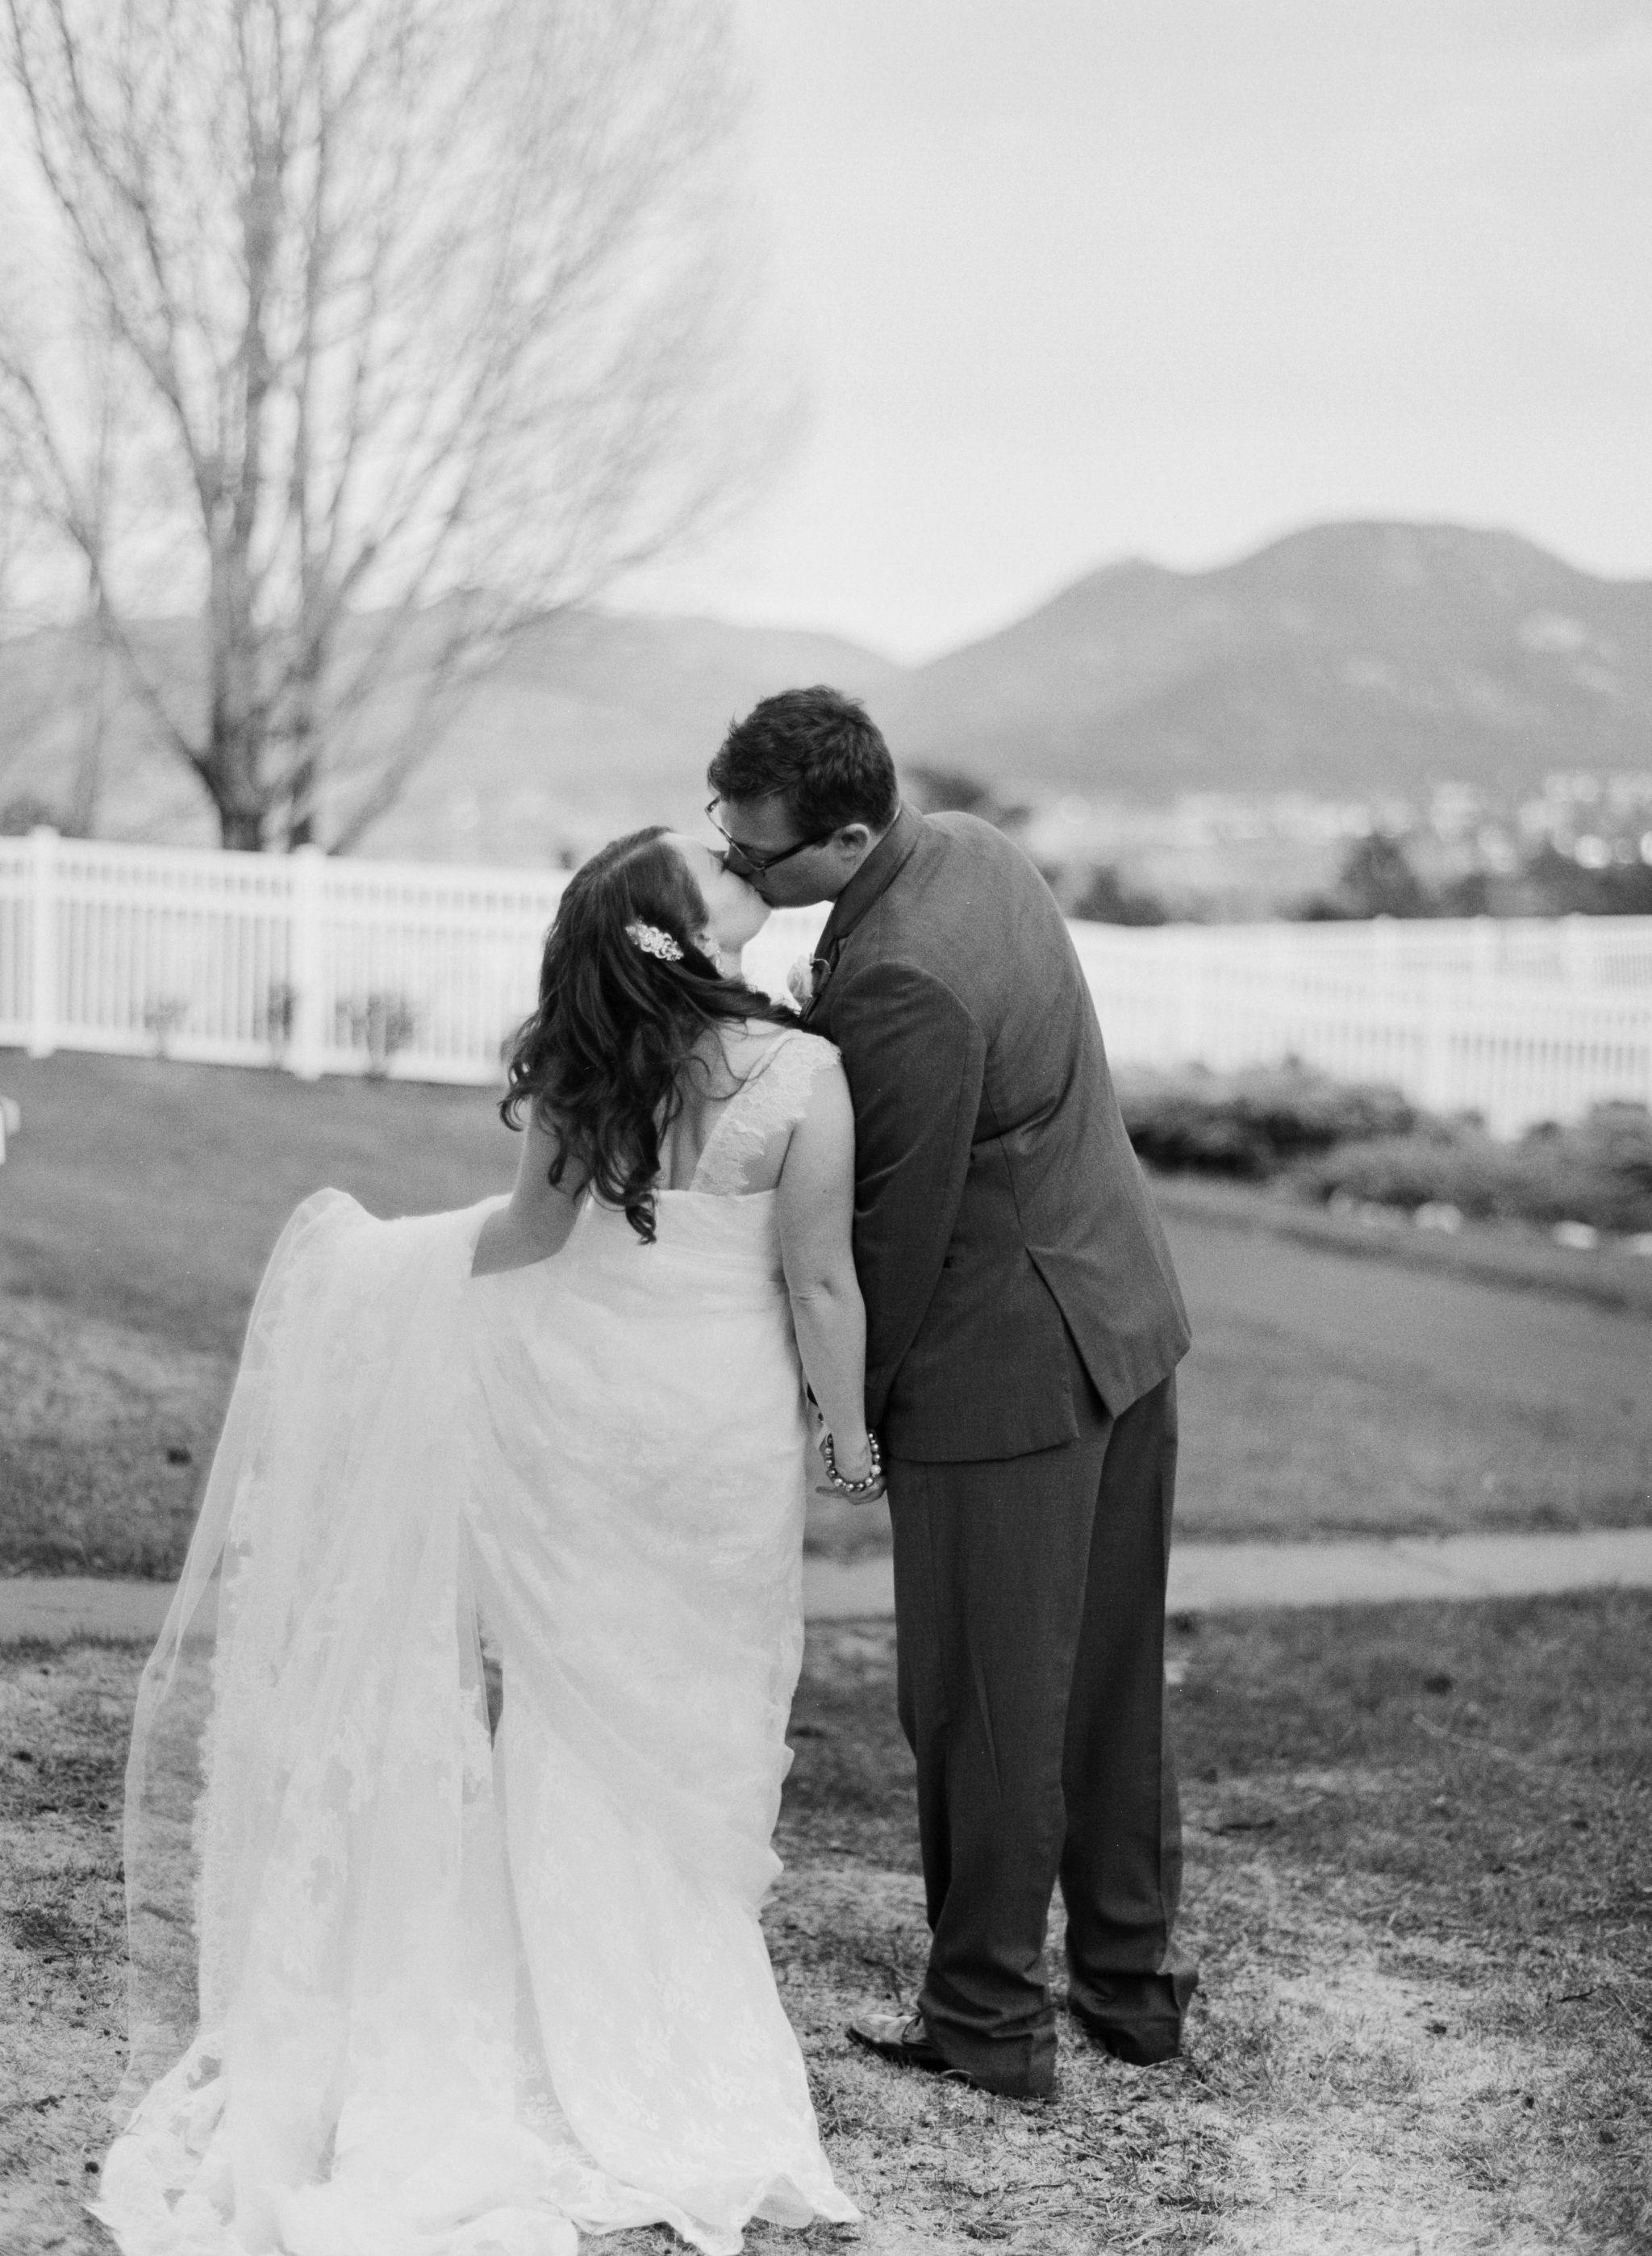 Colorado Wedding at the Stanley Hotel